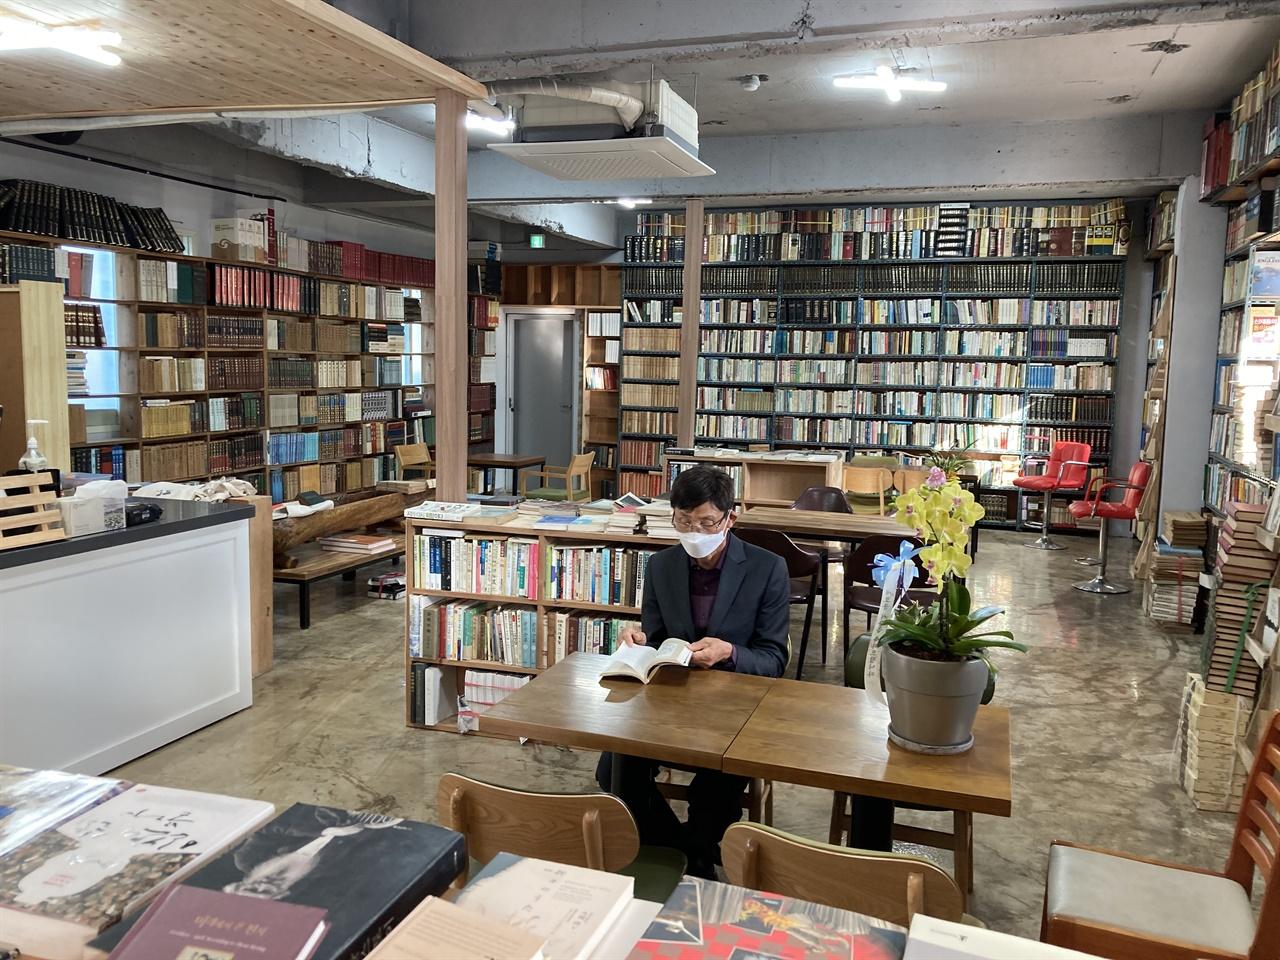 책방 1층의 모습 책방 1층엔 북카페가 마련되어 있어 차를 마시며 독서를 할 수 있다.